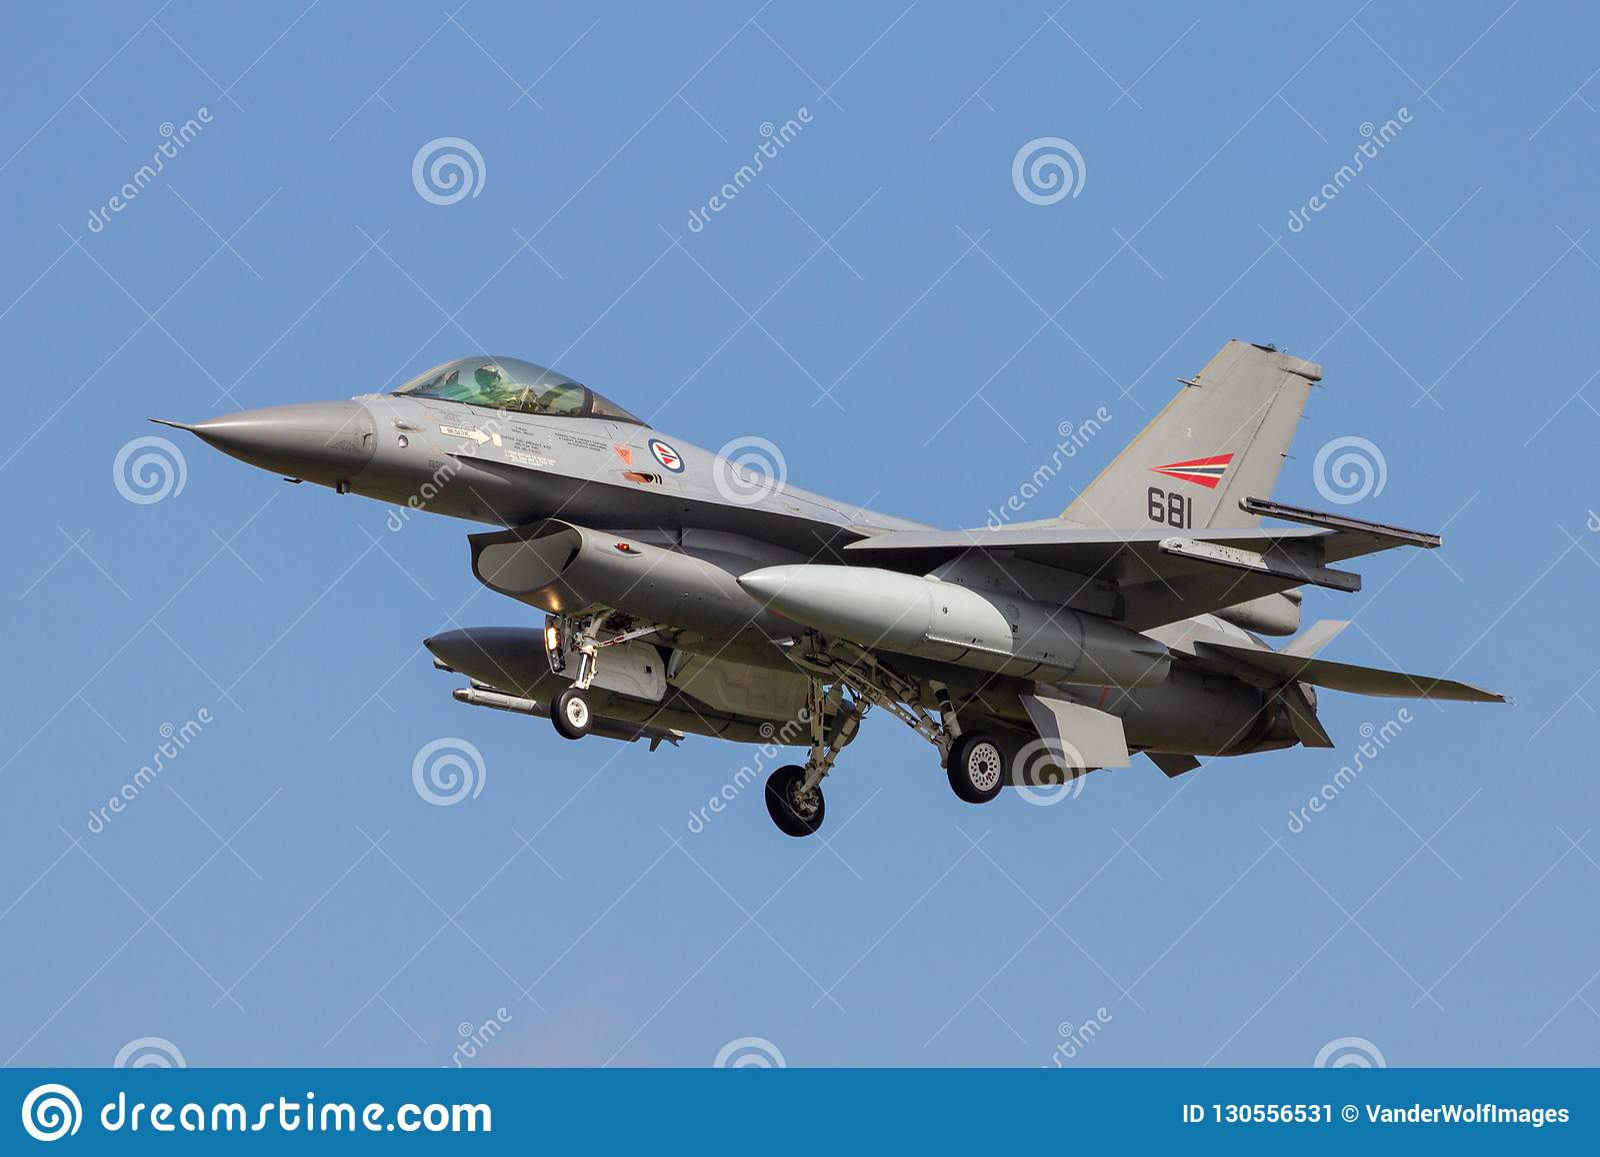 Koninklijke Noorse Luchtmachtf16 vechters straalvliegtuigen